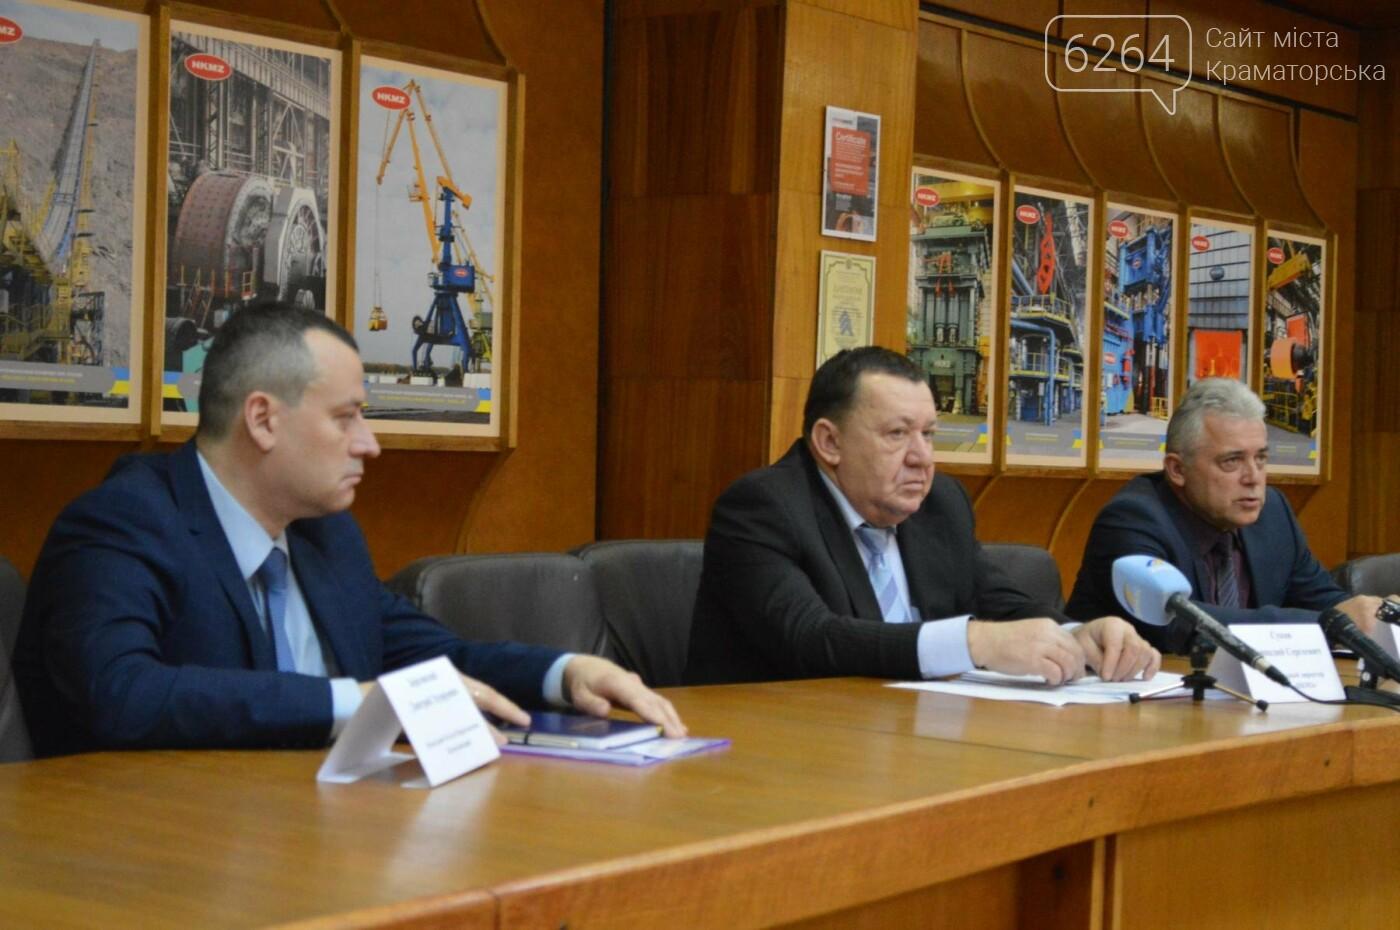 В Краматорске прошла пресс-конференция, на которой подвели итоги работы НКМЗ, фото-4